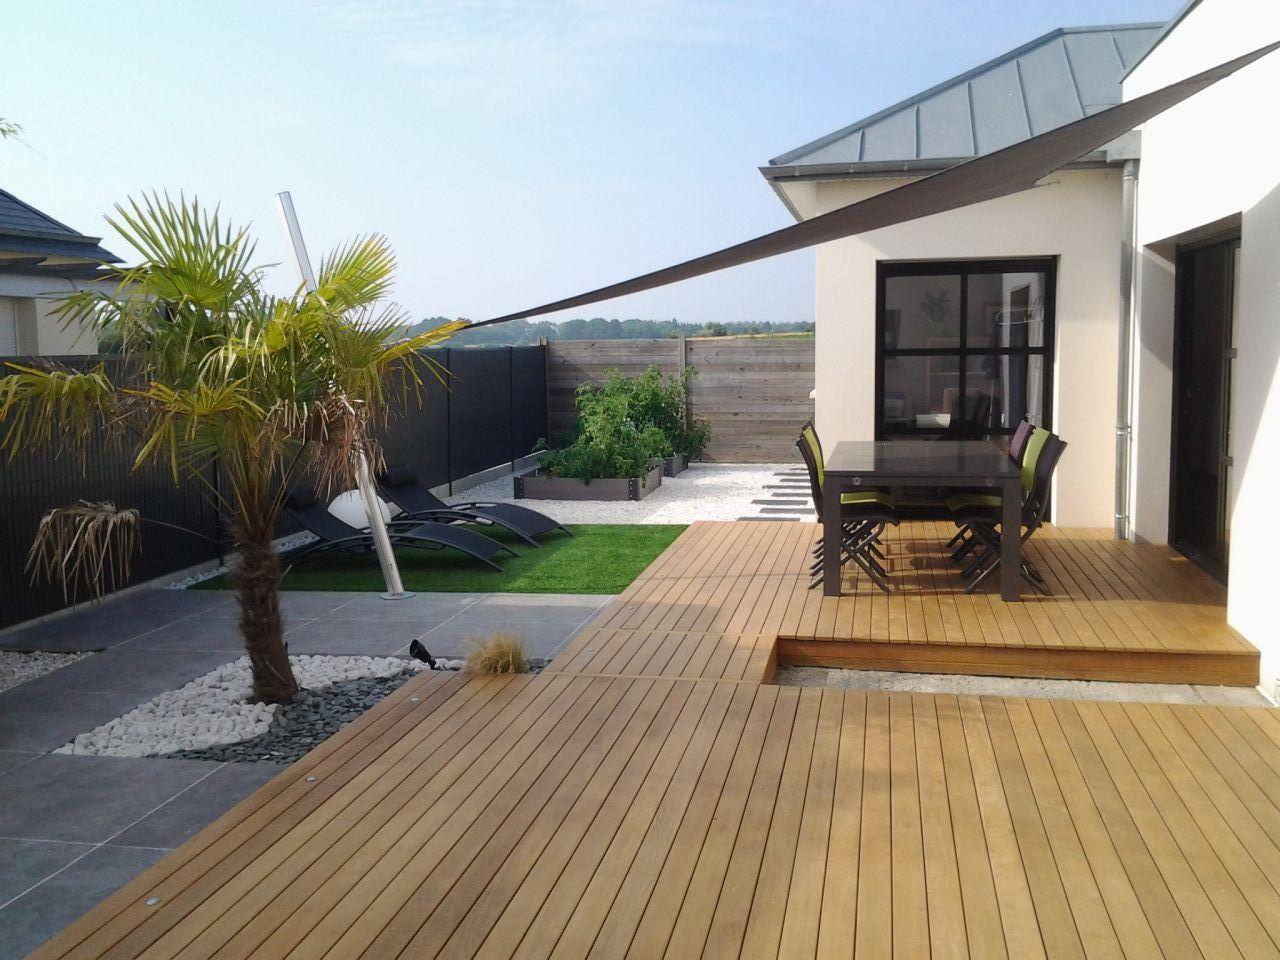 Maison moderne terrasse bois - Maison moderne bois ...